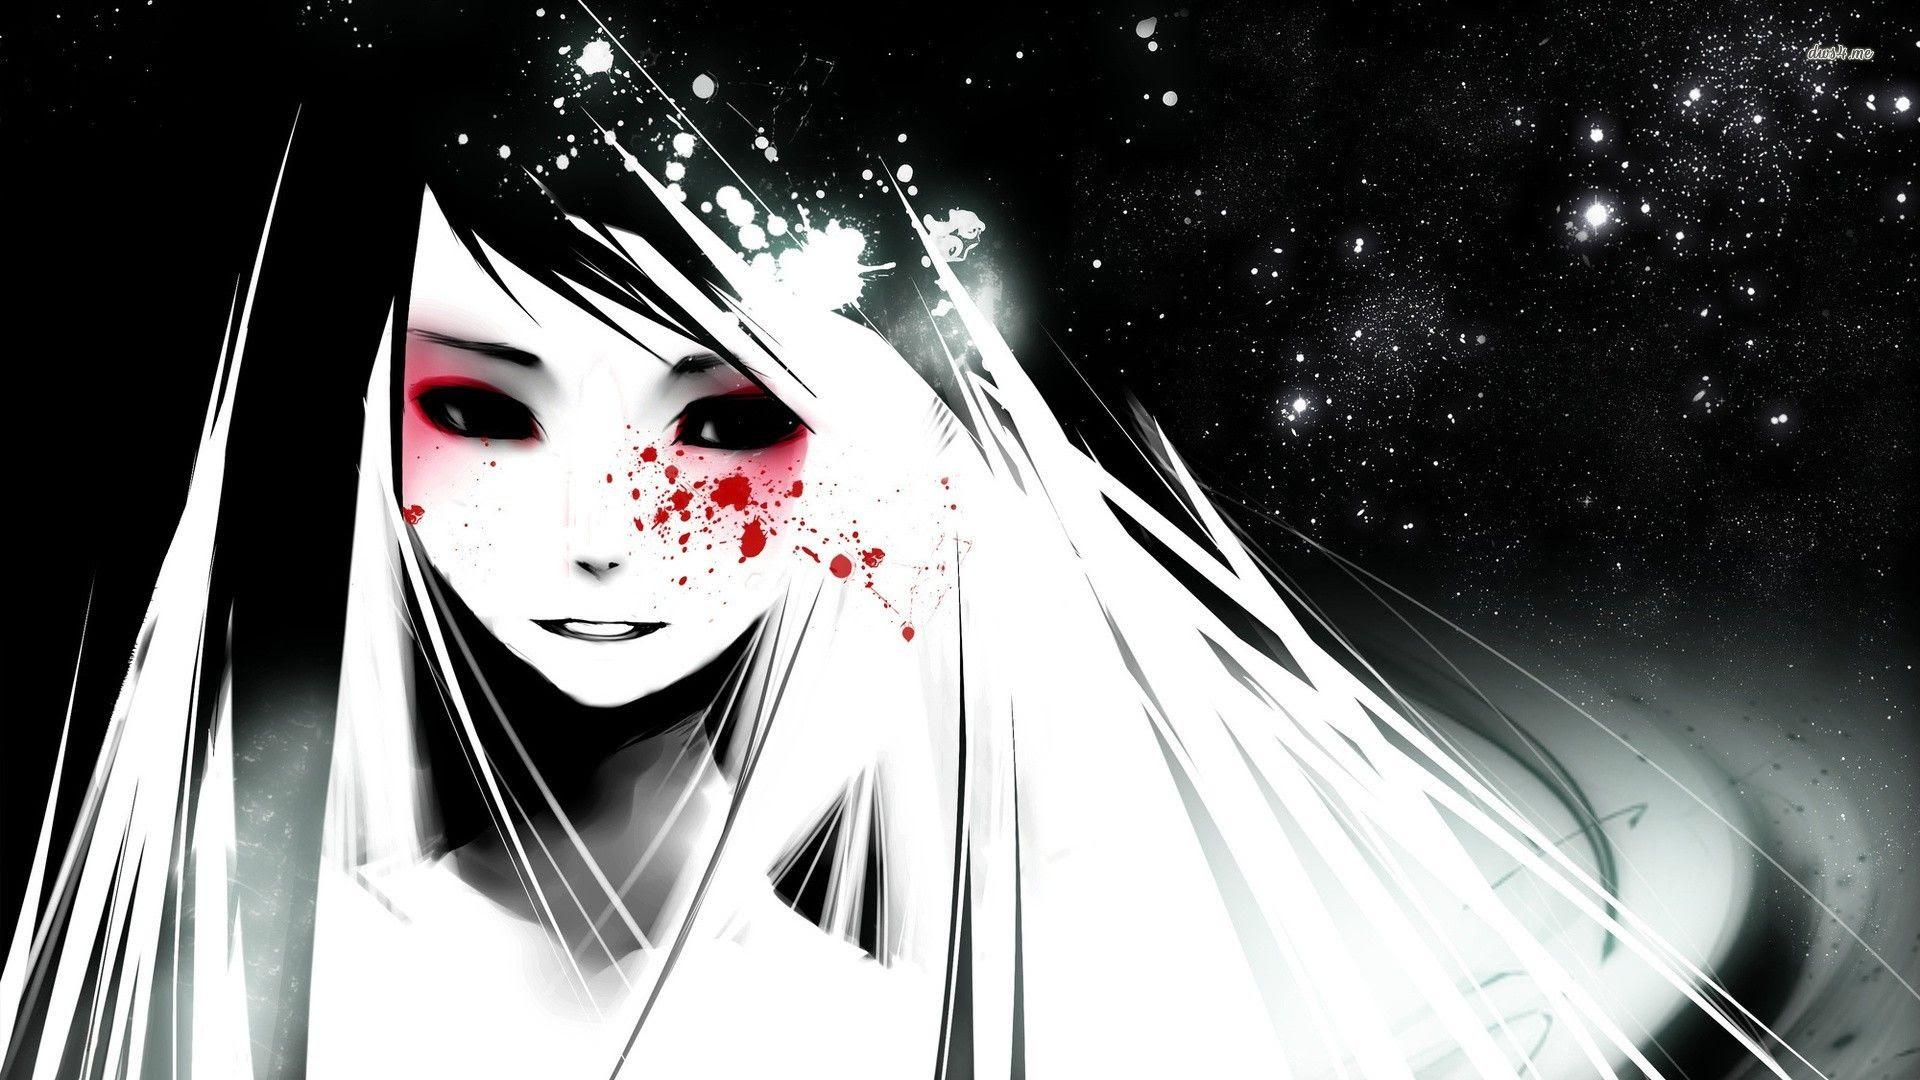 Dark Anime Girl Wallpaper - WallpaperSafari